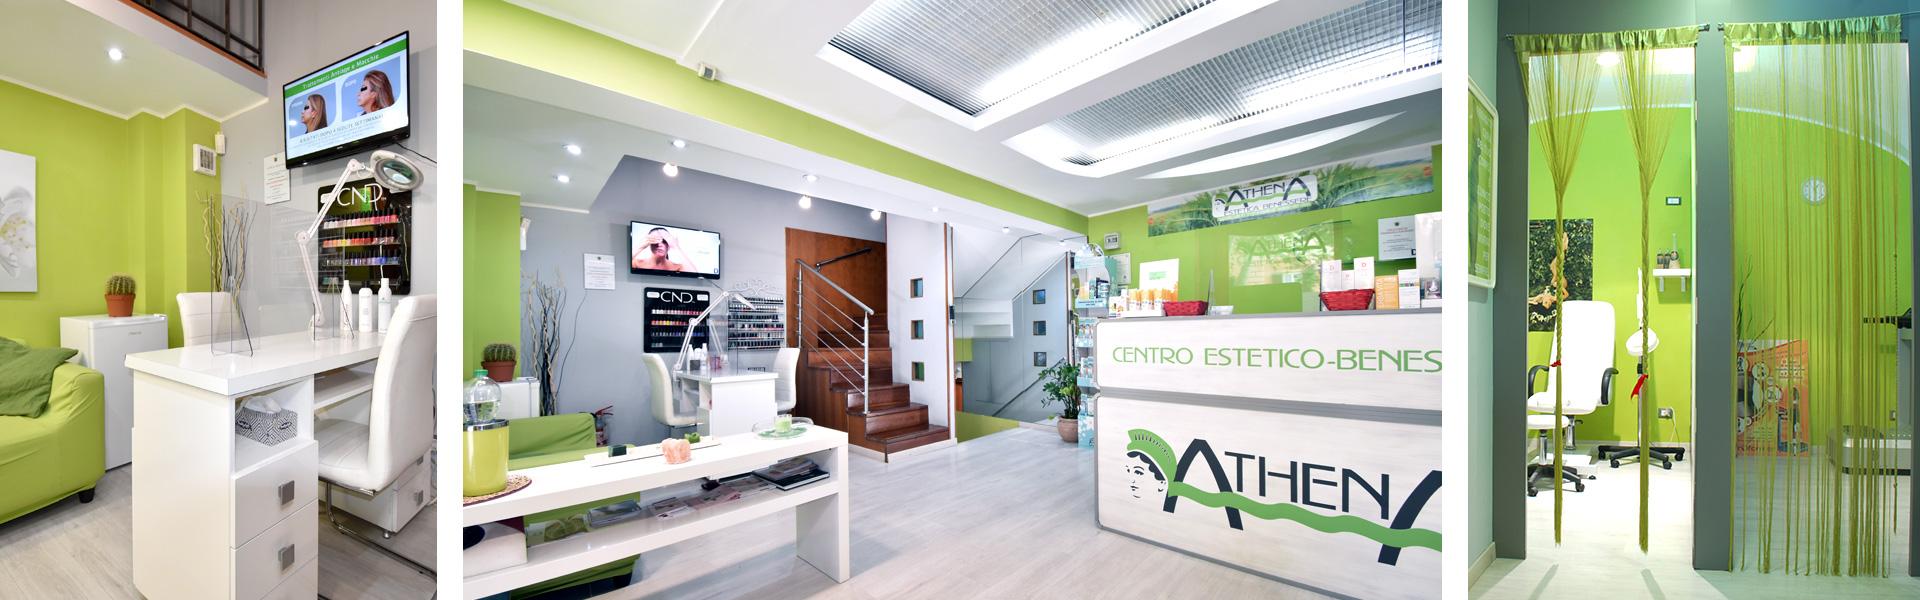 Centro Estetico Athena a Roma Prati